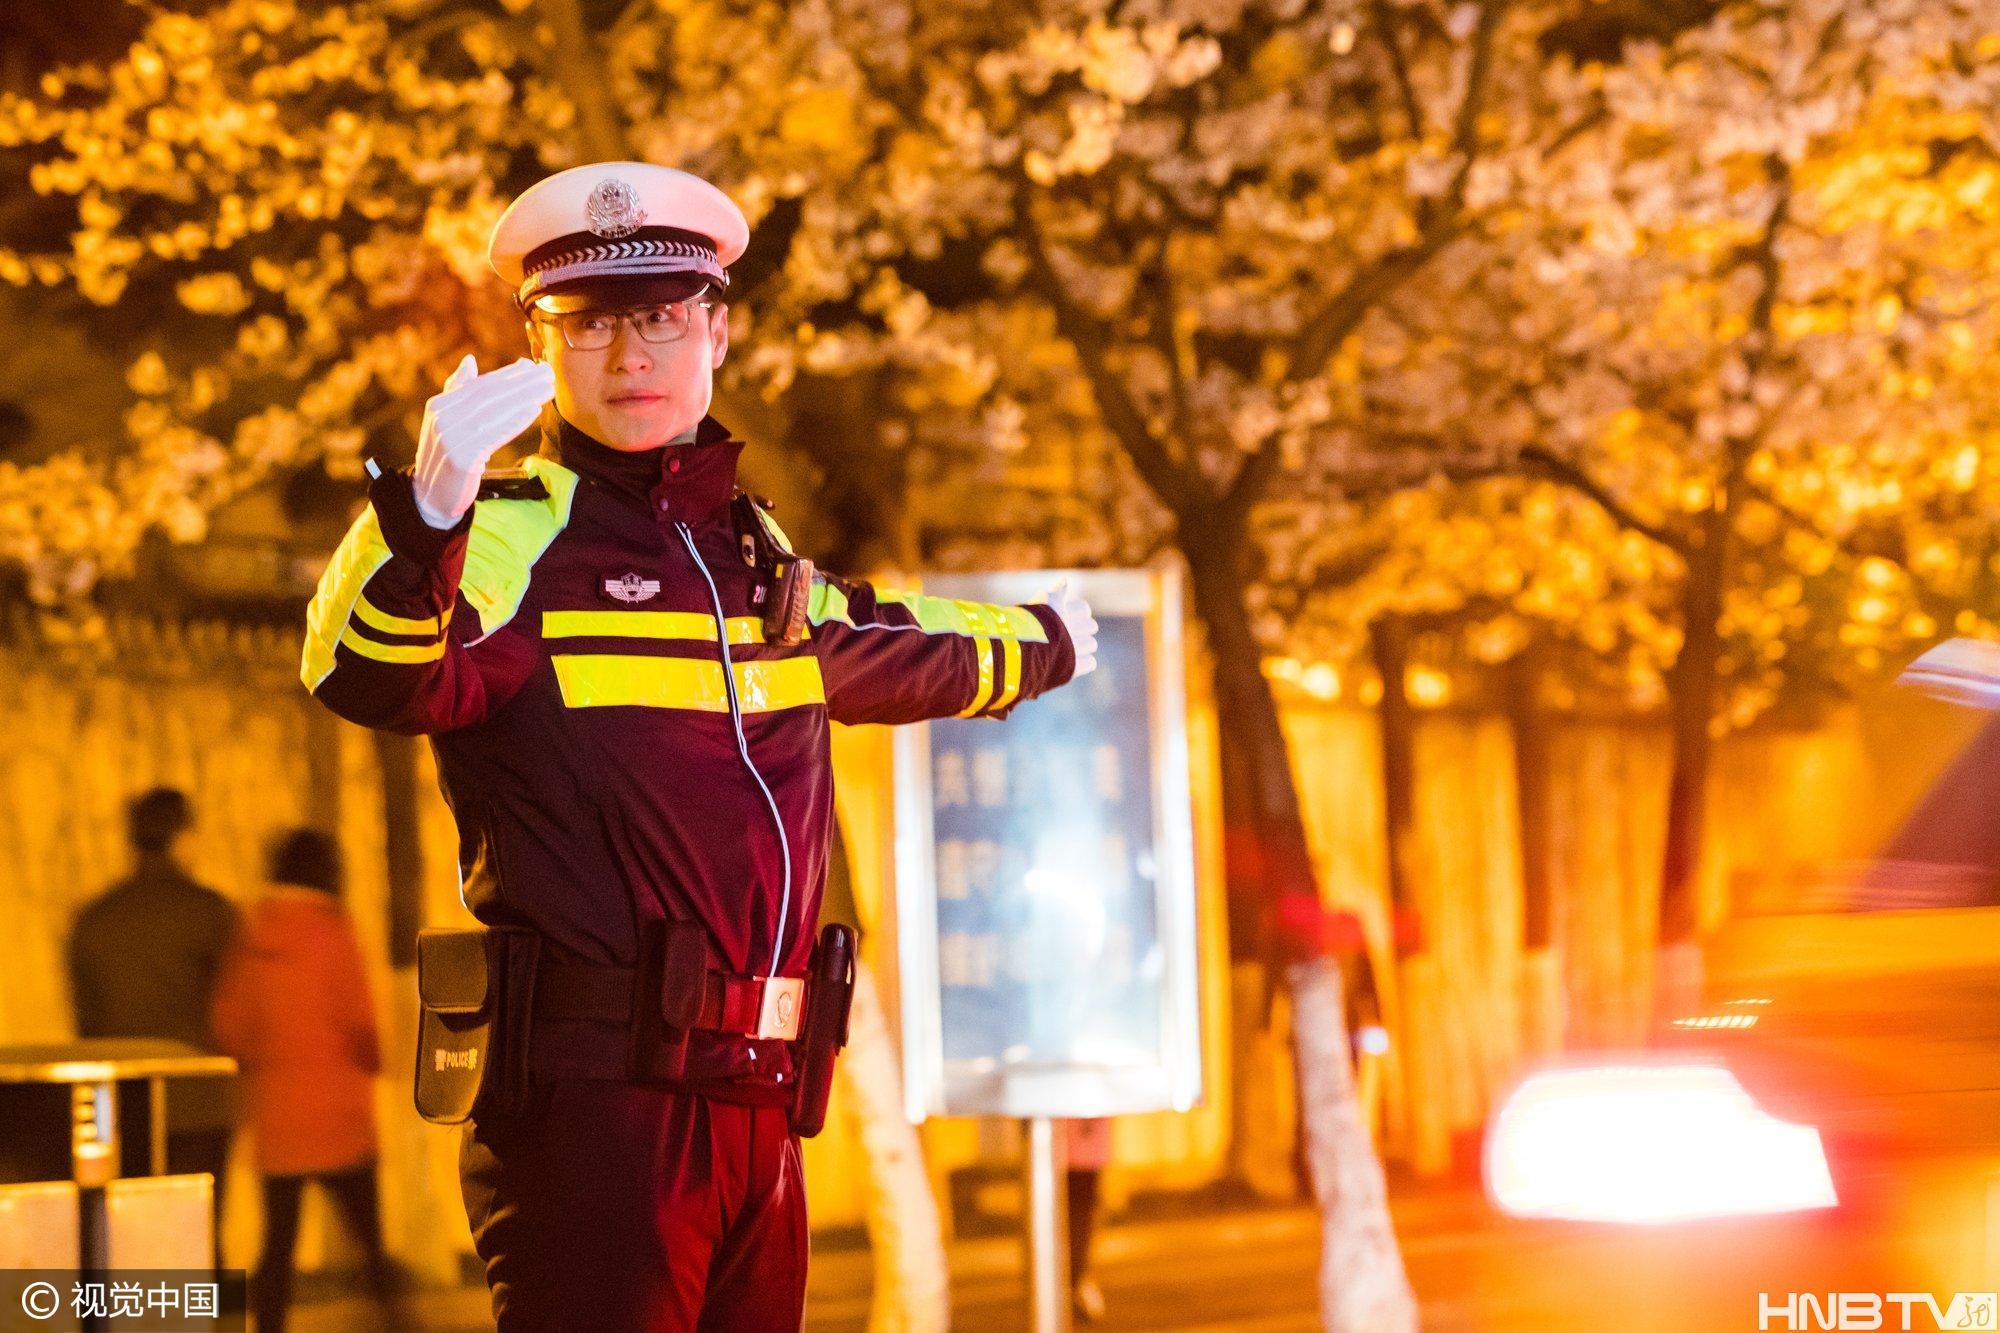 南京:交警夜幕下值勤 与樱花相映成景